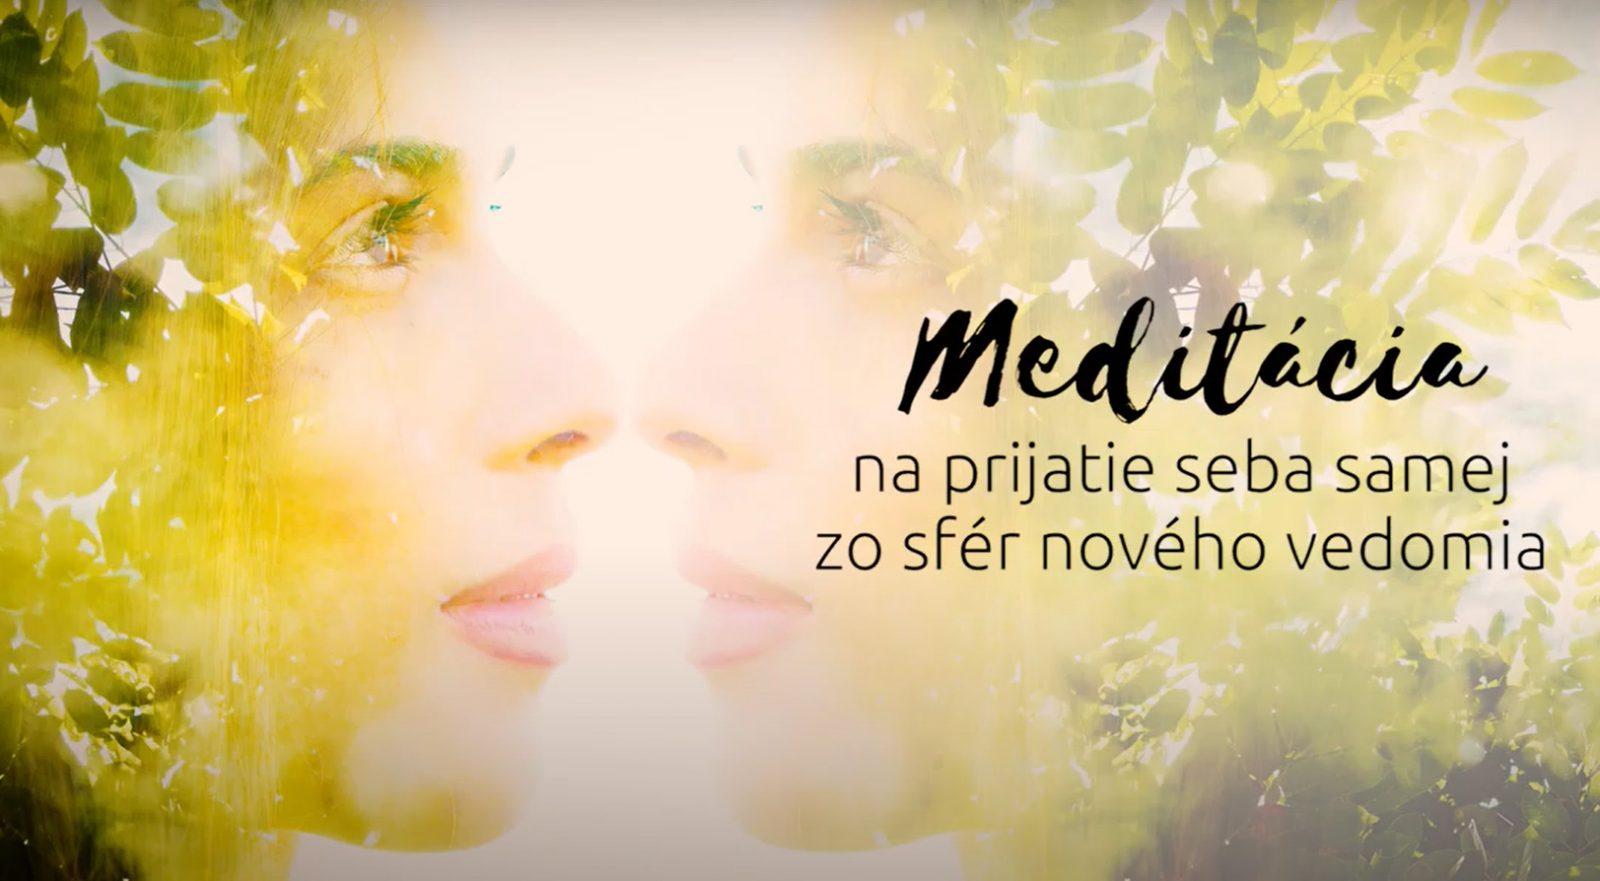 Modlidba na prijatie seba samej zo sfér nového vedomia